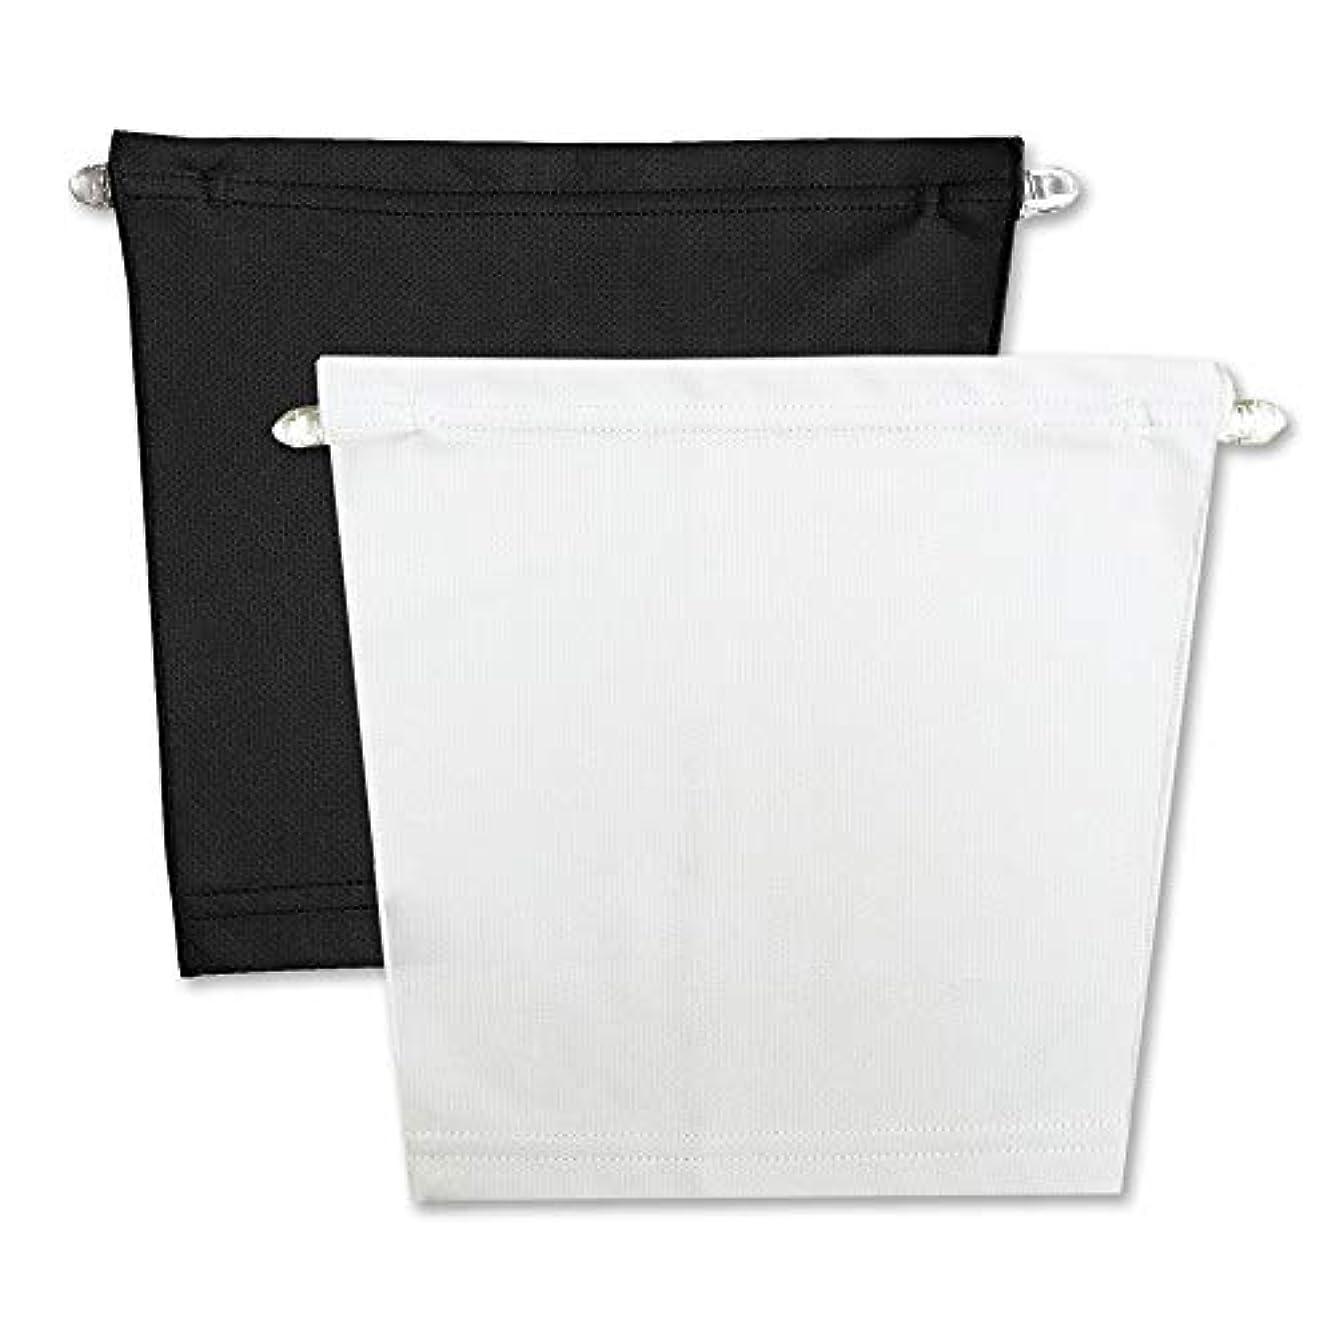 ストライプ小康飾るフロントキャミ (2枚組) 胸元隠し UVカット (黒 & 白)